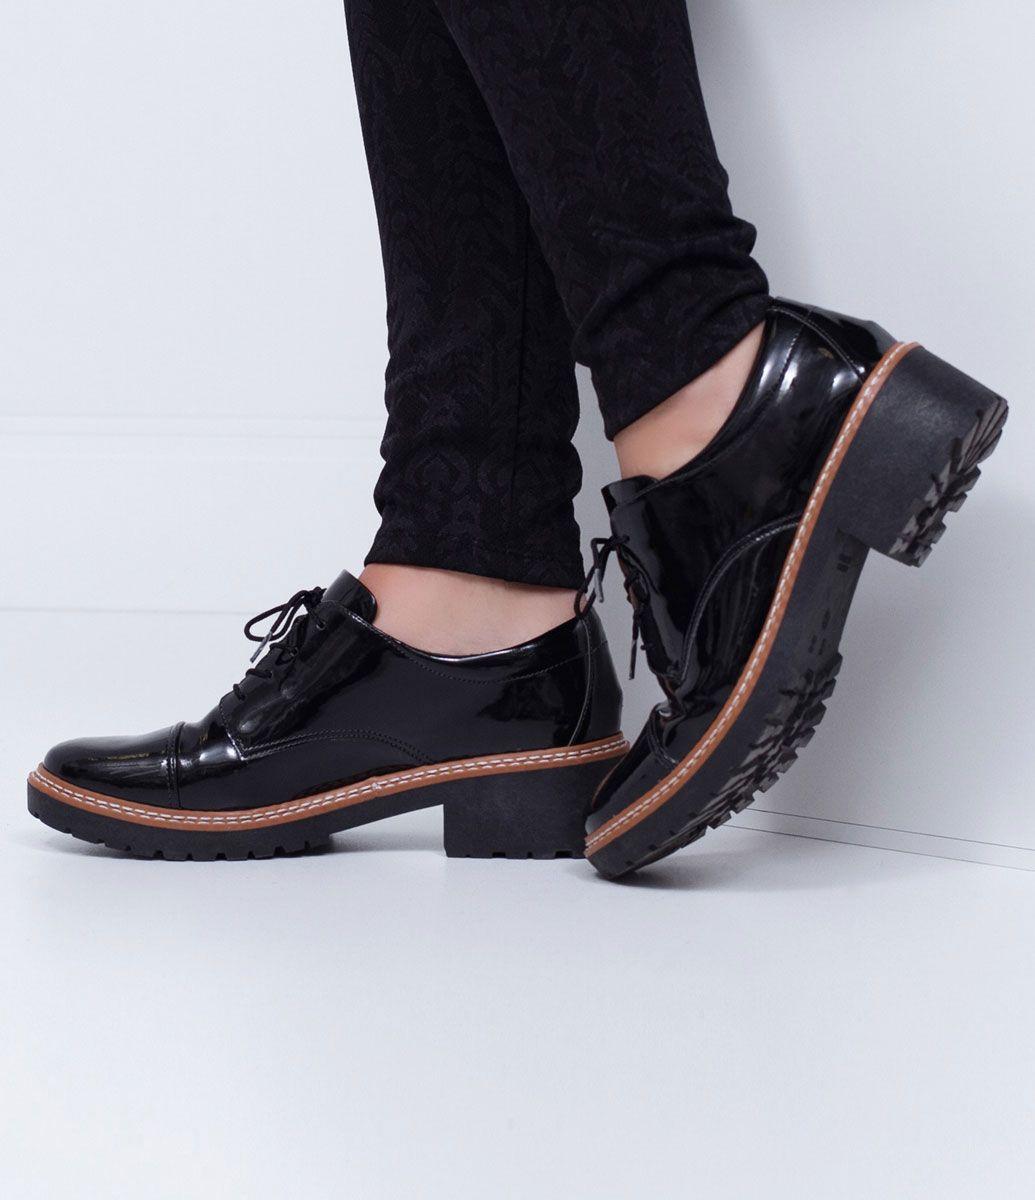 1ea1d5a6c8 Sapato Feminino Modelo  Oxford Em verniz Sola tratorada de 4cm Marca   Satinato Material  Sintético COLEÇÃO VERÃO 2017 Veja outras opções de  sapatos ...